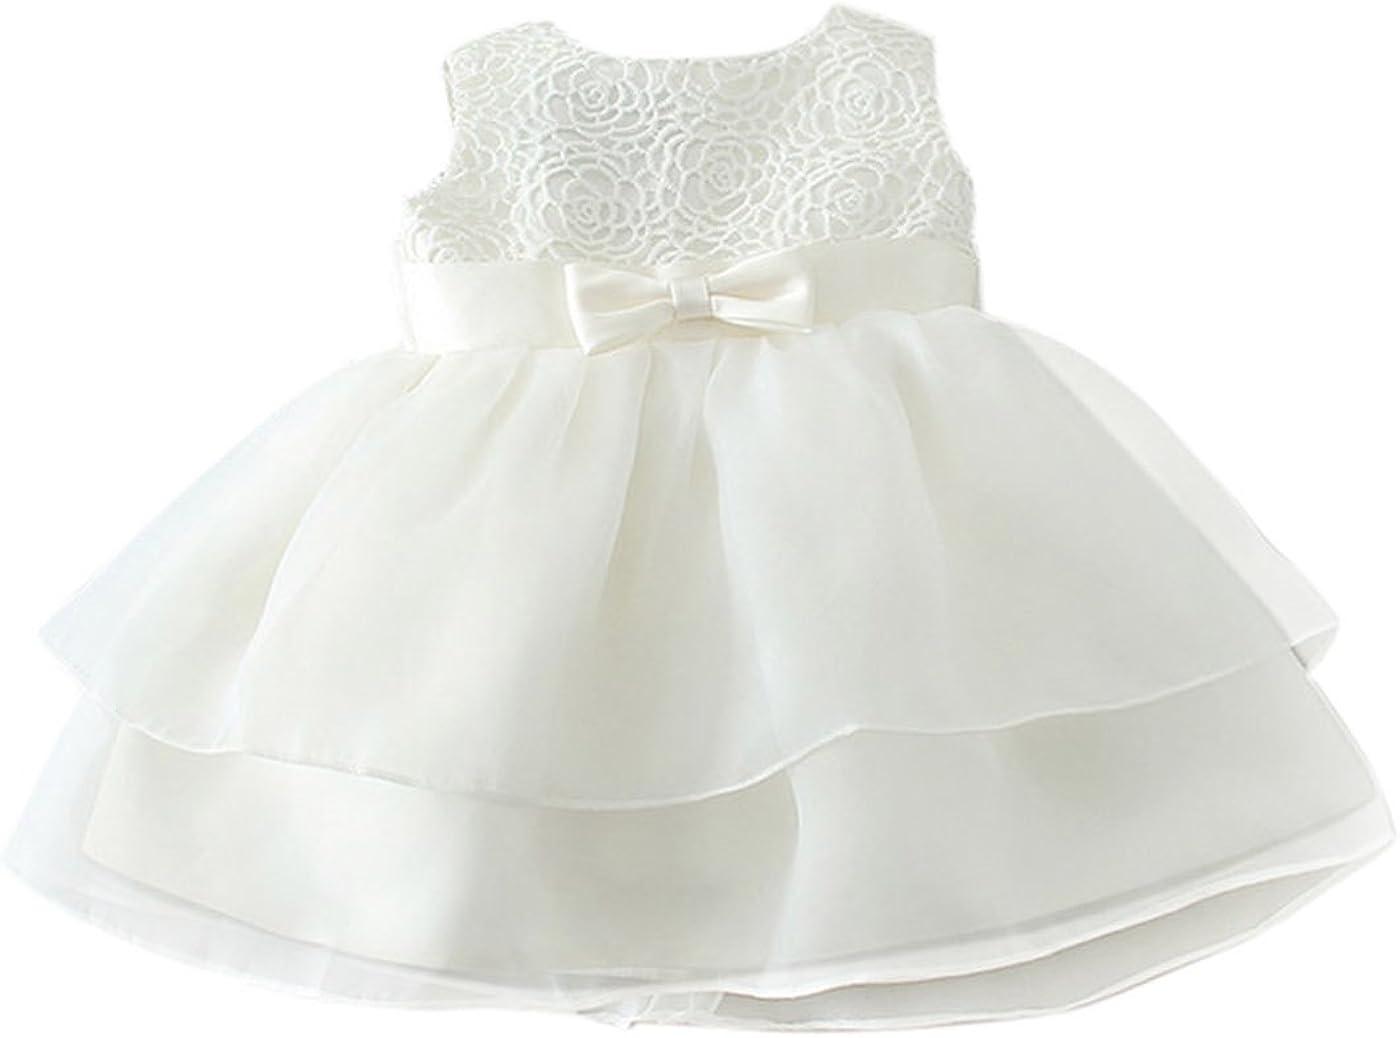 Happy Cherry Bebés Niñas Vestido de Tutú Princesa Traje de Fiesta Formal Elegante para Boda Cumpleaños Fiesta Bautizo